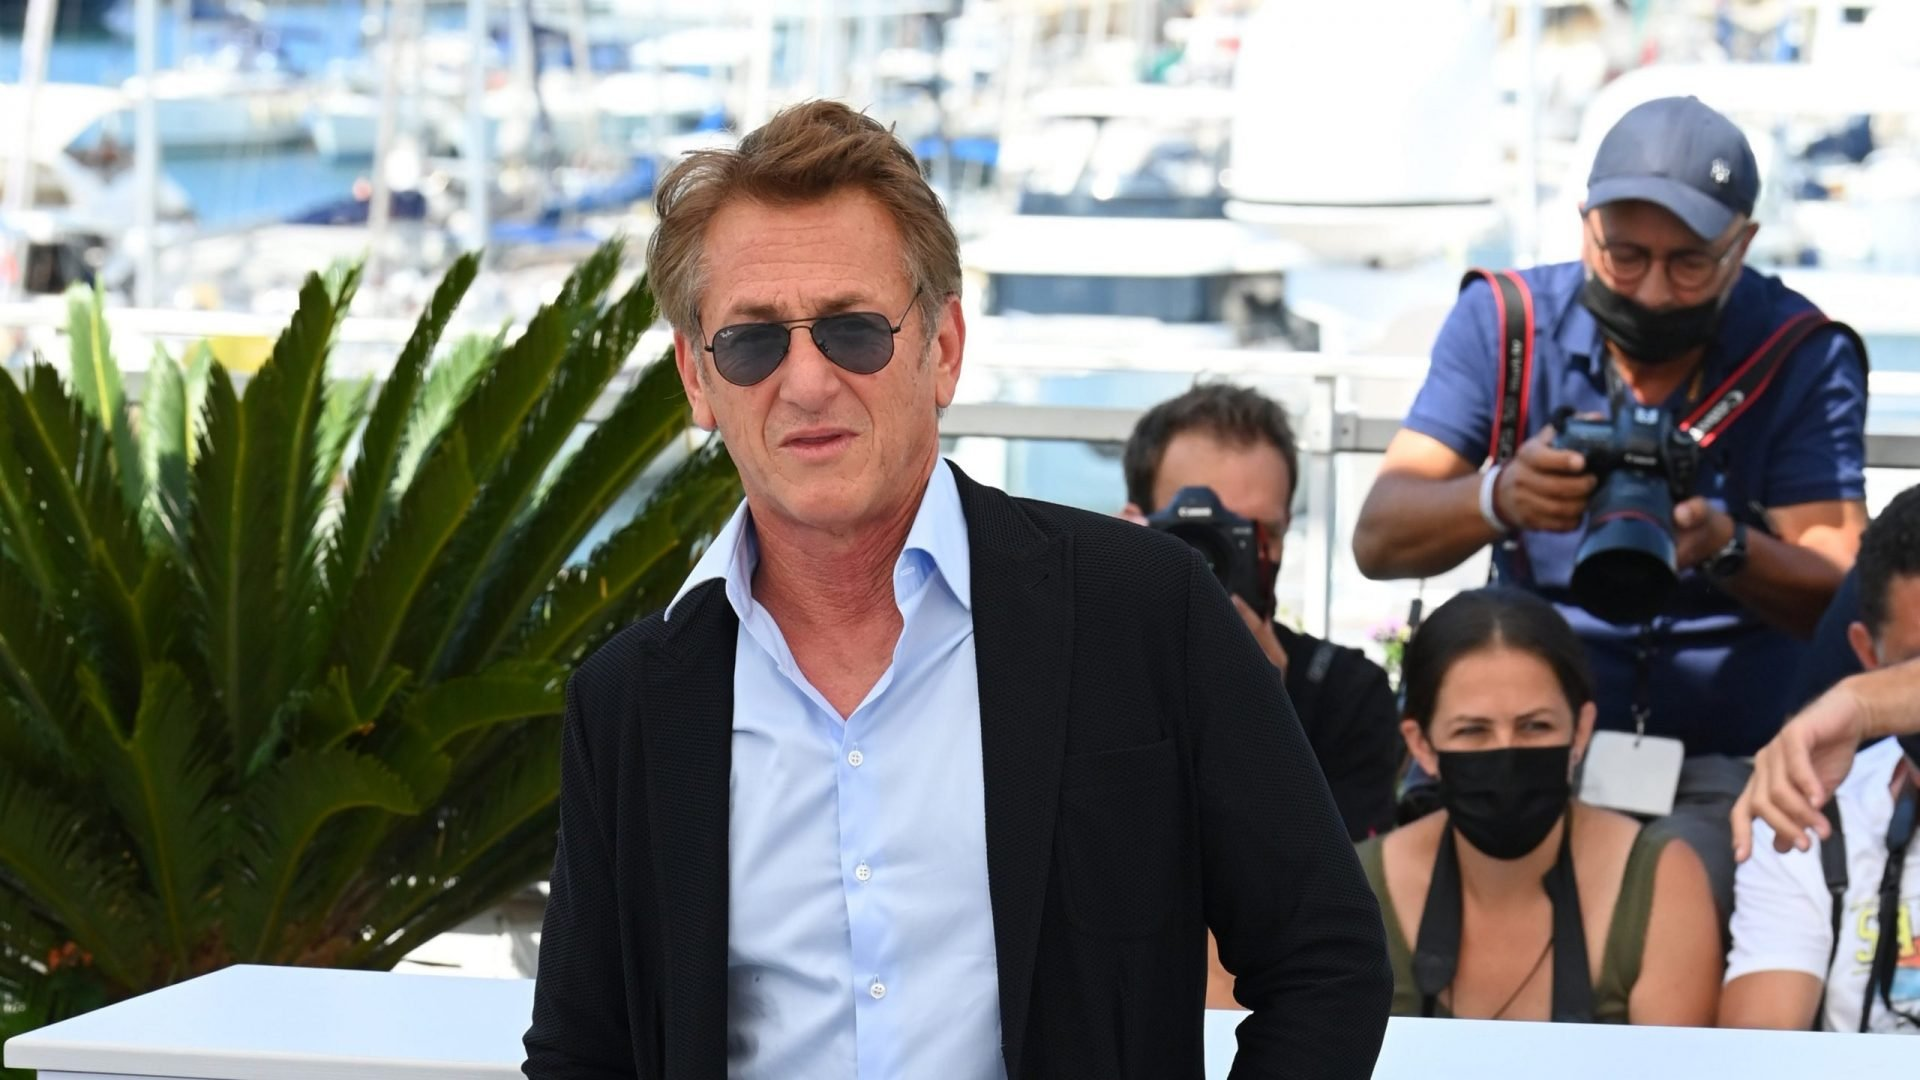 How Rich Is Sean Penn?